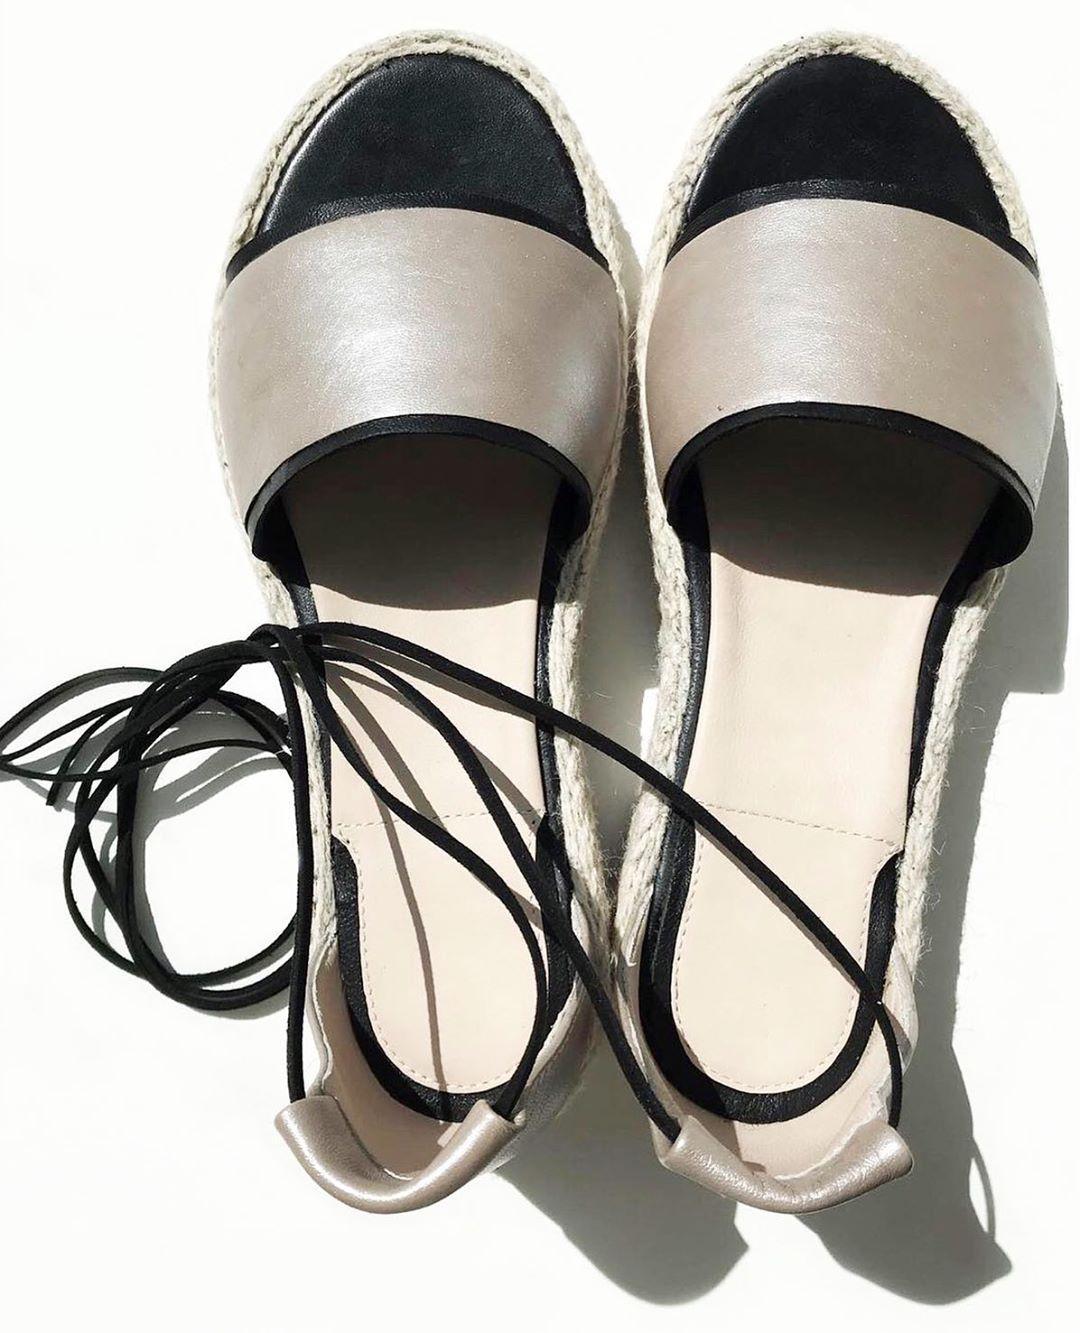 Лето совсем близко 🥰 Успей подготовится к самому прекрасному времени года 🌱 Сандалии которые станут для тебя незаменимыми 🌸 . • Натуральная кожа • Платформа 2см. • Цена 2000 UAH . Доступны к заказу 36-41 размеры👌 Сделано в Украине! .  #shoes #shoelover #handmade #shoesukraine #ukrainianshoes #shoe #leathershoes #обувьукраина #женскаяобувь #онлайн #онлайнобувь #обувьженская #кожанаяобувь #обувь #летняяобувь #стильнаяобувь #взуття #взуттяукраїна #зробленовукраїні #жіночевзуття #forwoman #madew